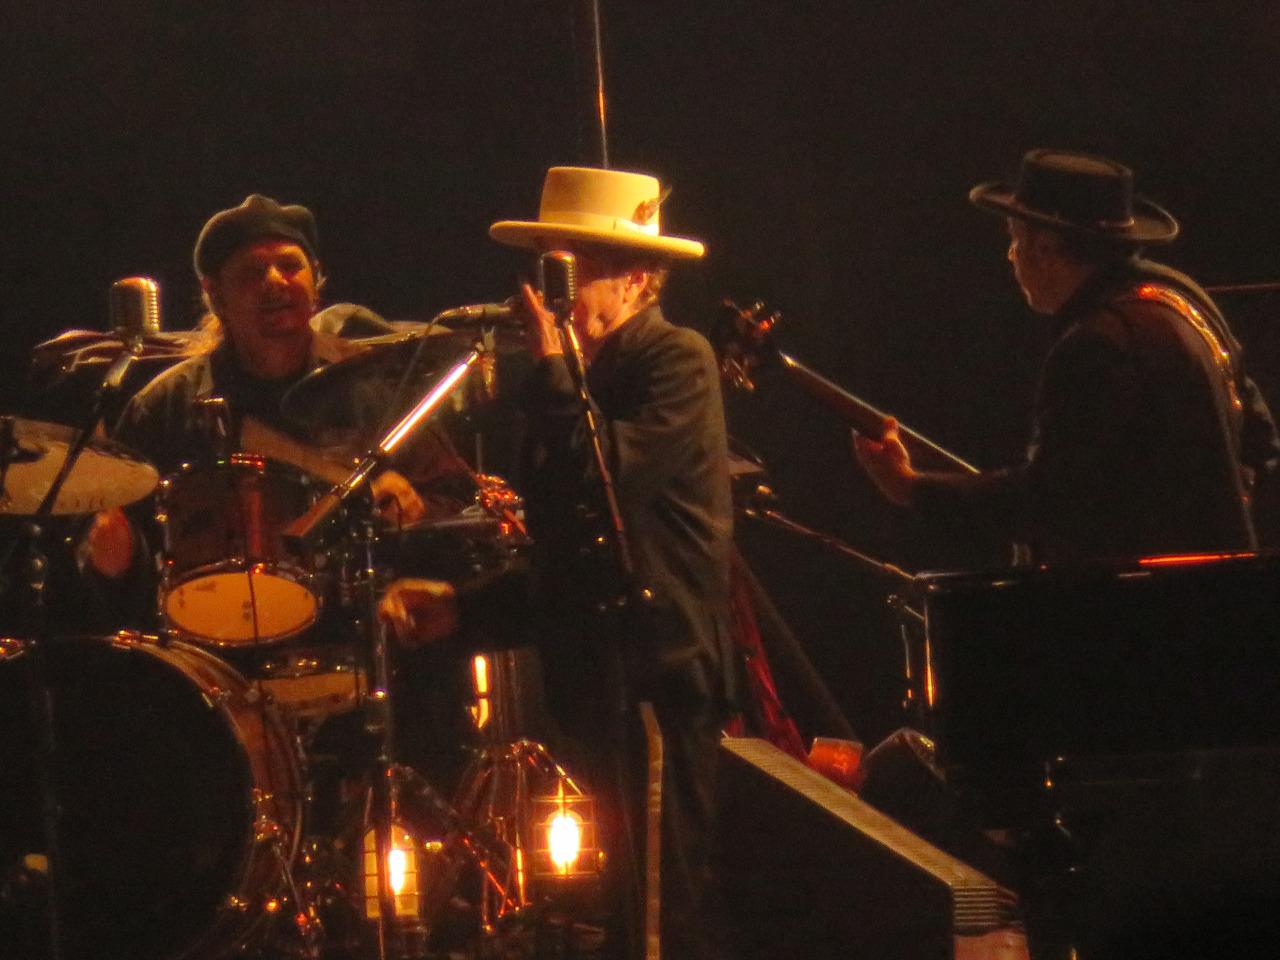 http://jeffcbliss.tumblr.com/post/151523529747/bob-dylan-centerwhite-hat-desert-trip